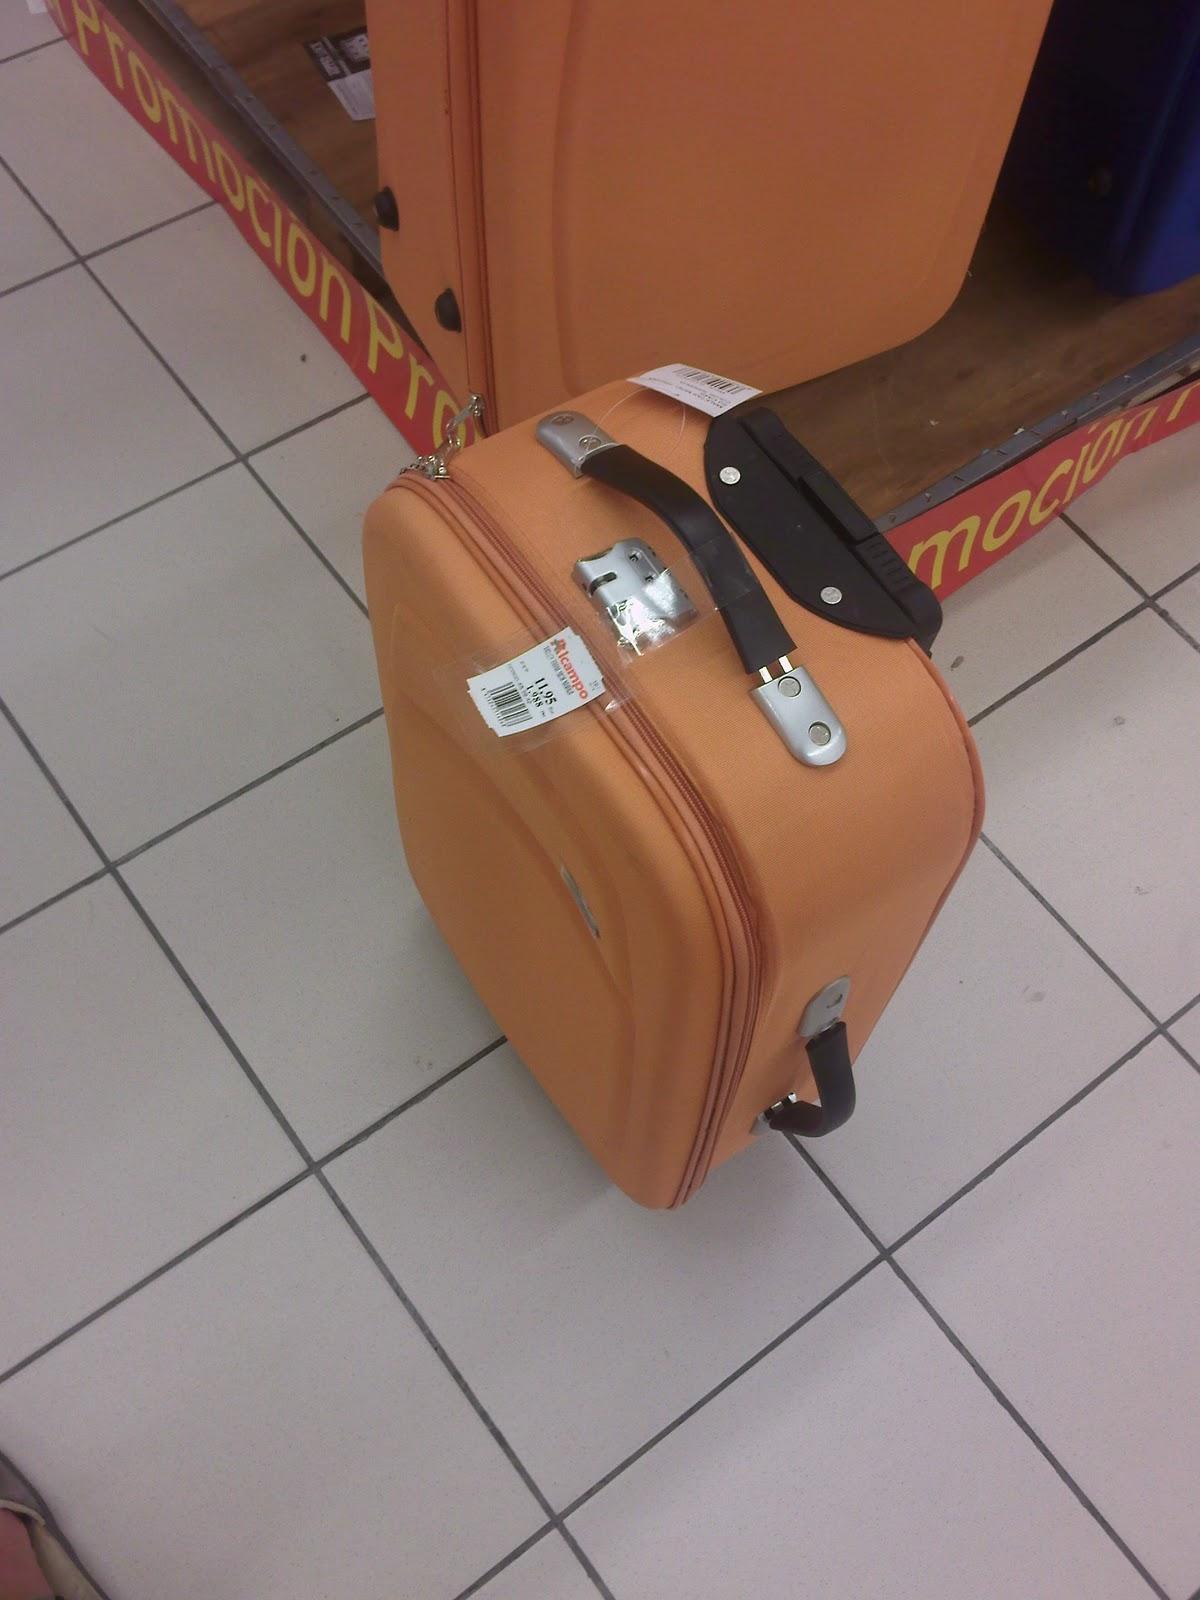 8cd07655c Un catálogo muy esperado todos los años es el catálgo de maletas de el corte  inglés,. Aires acondicionados CARREFOUR. asà como los precios de miles.